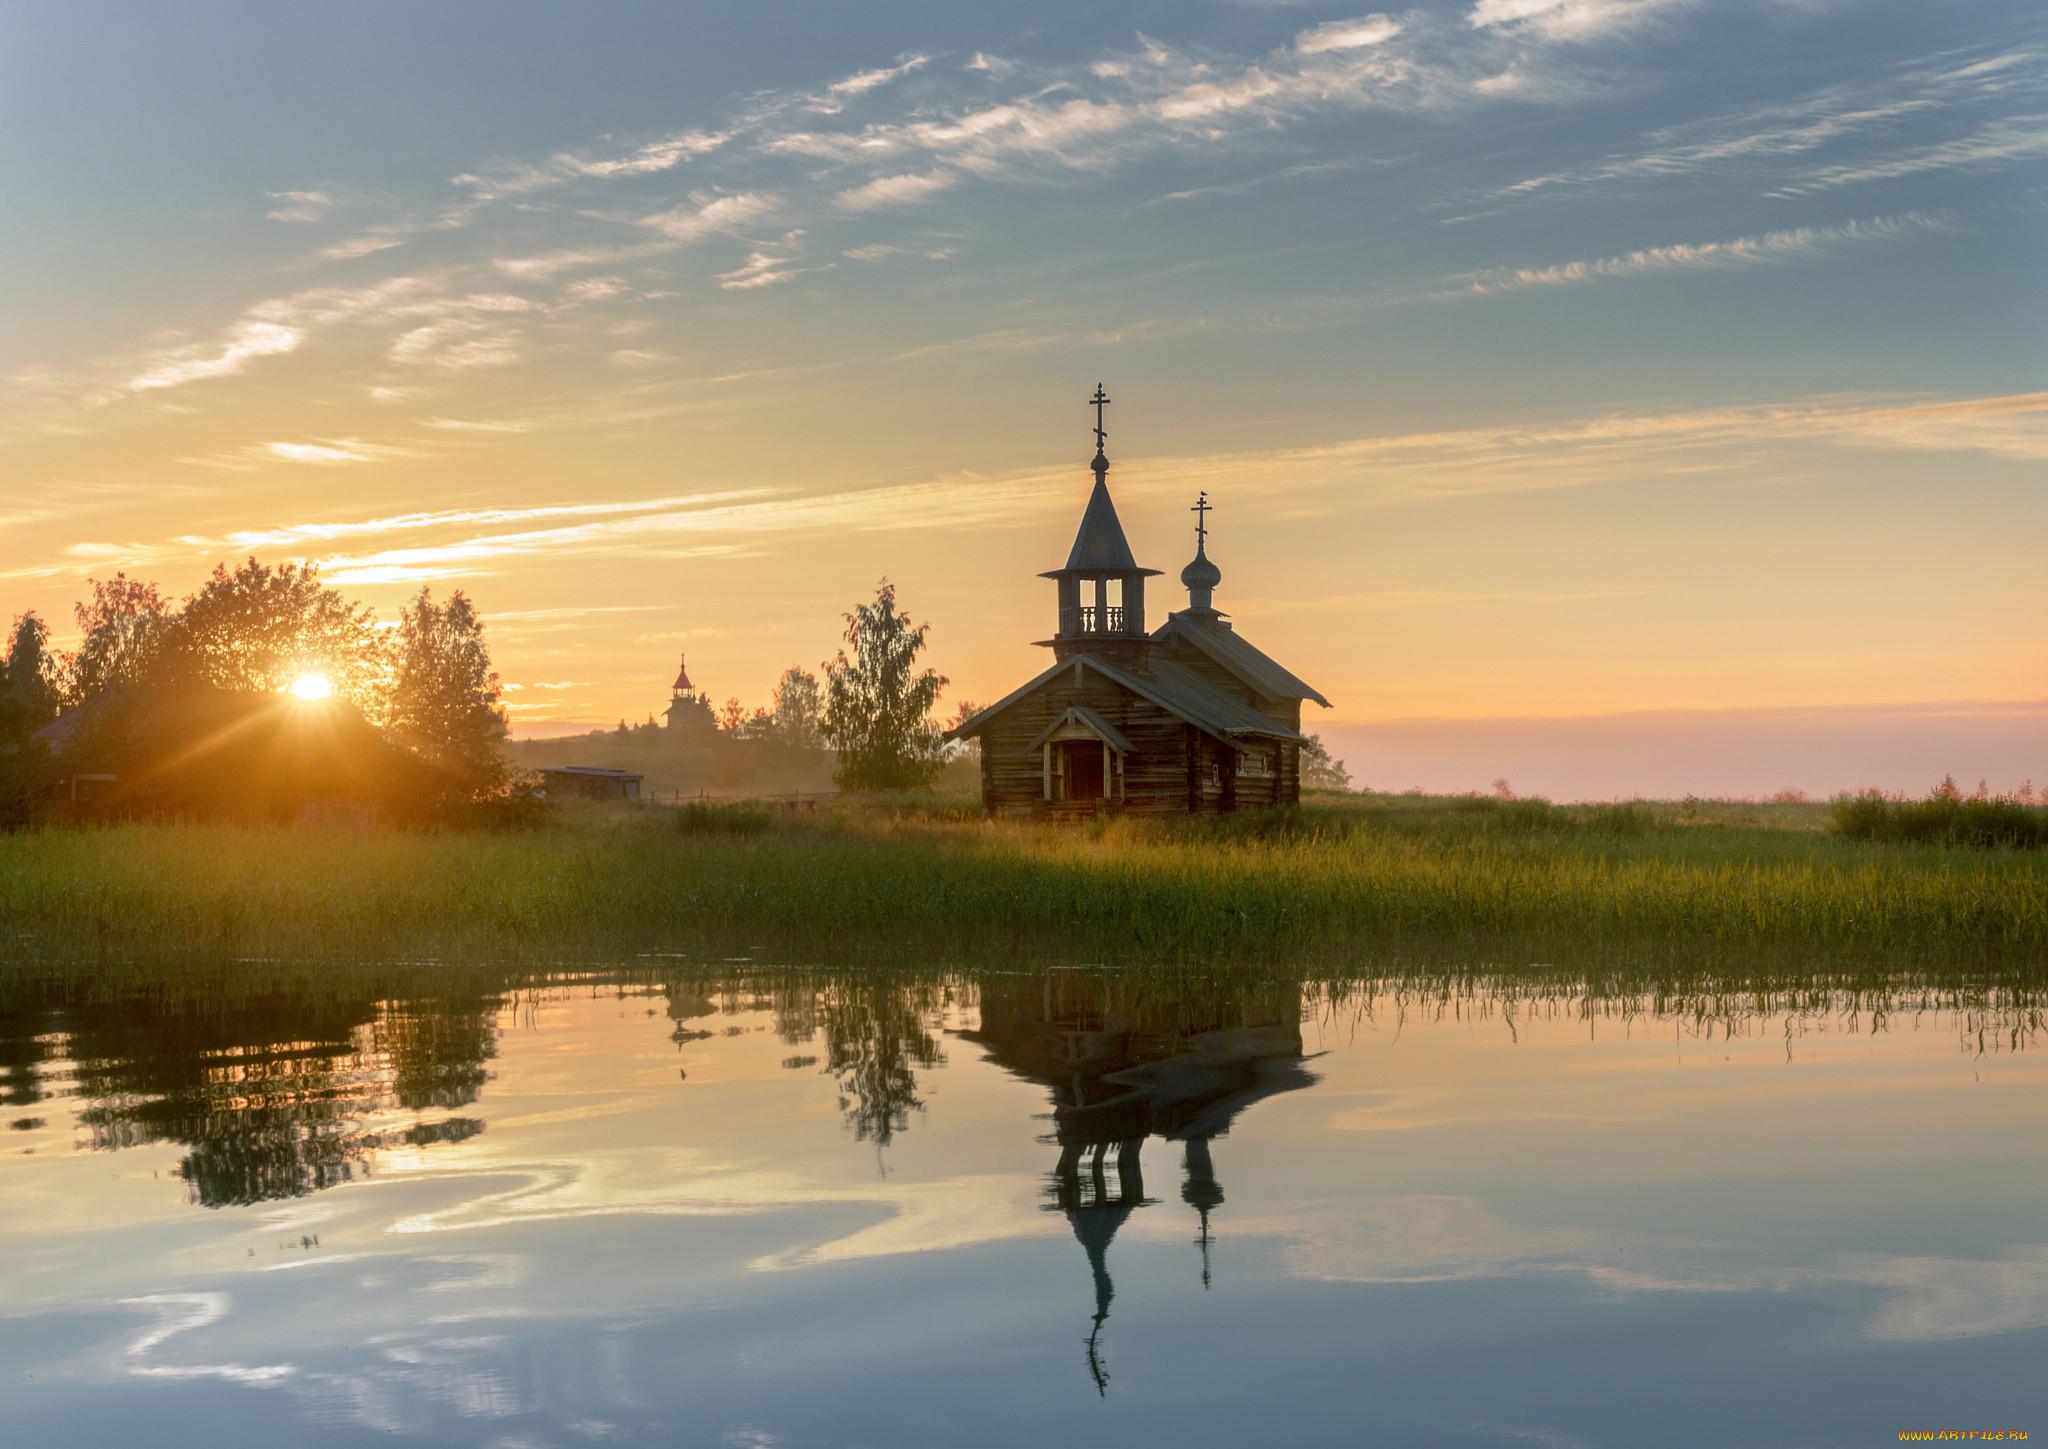 Картинки церквей и природы